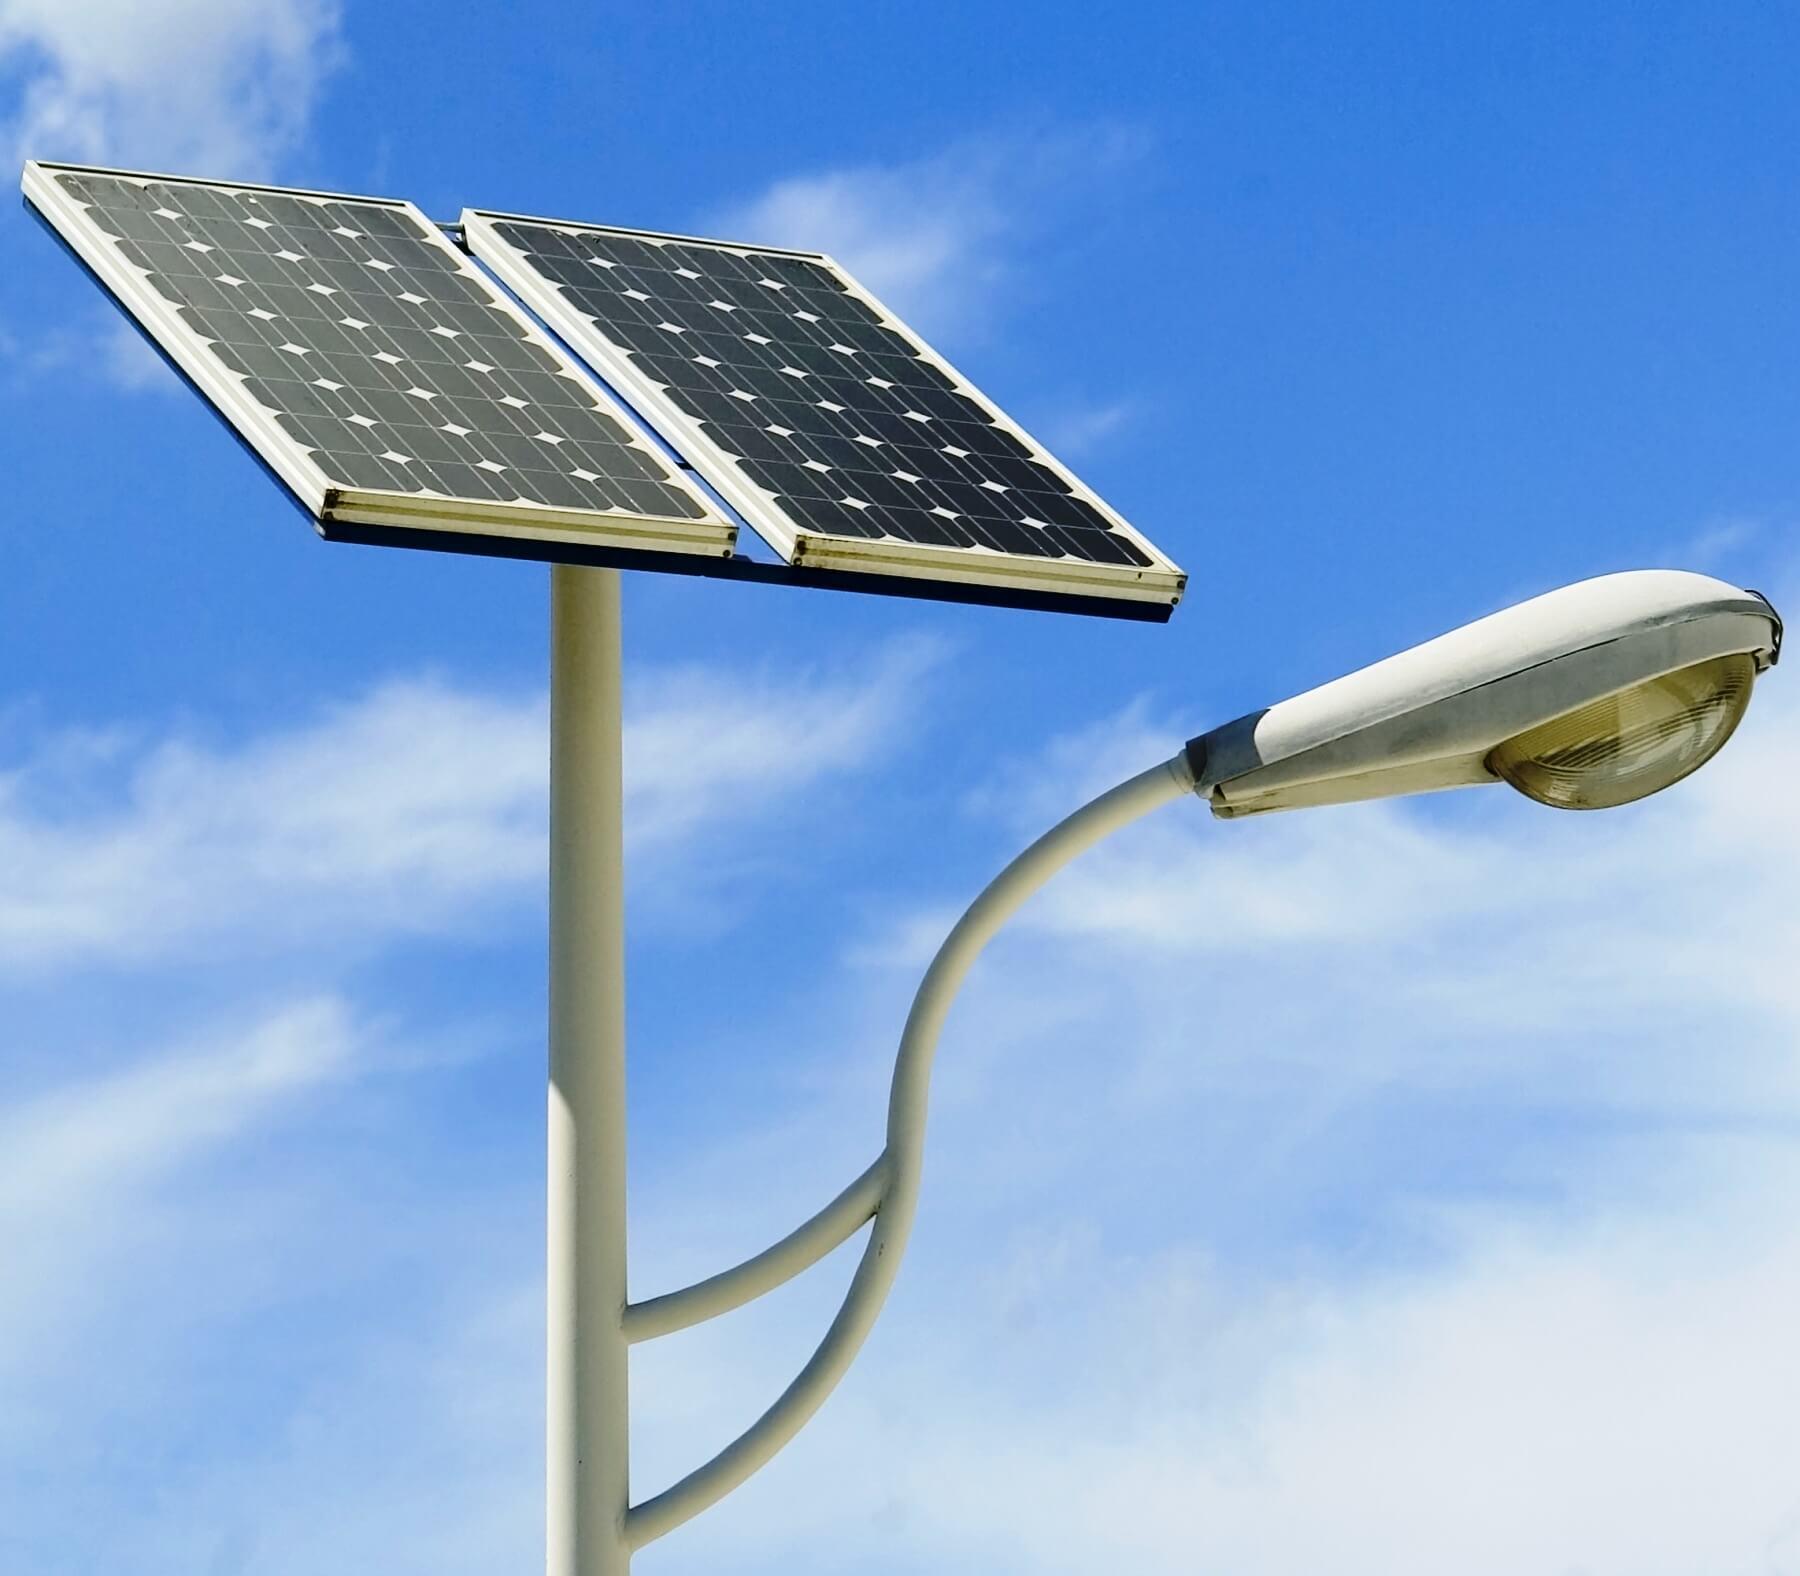 Lámparas solares para alumbrado público y su funcionamiento 1